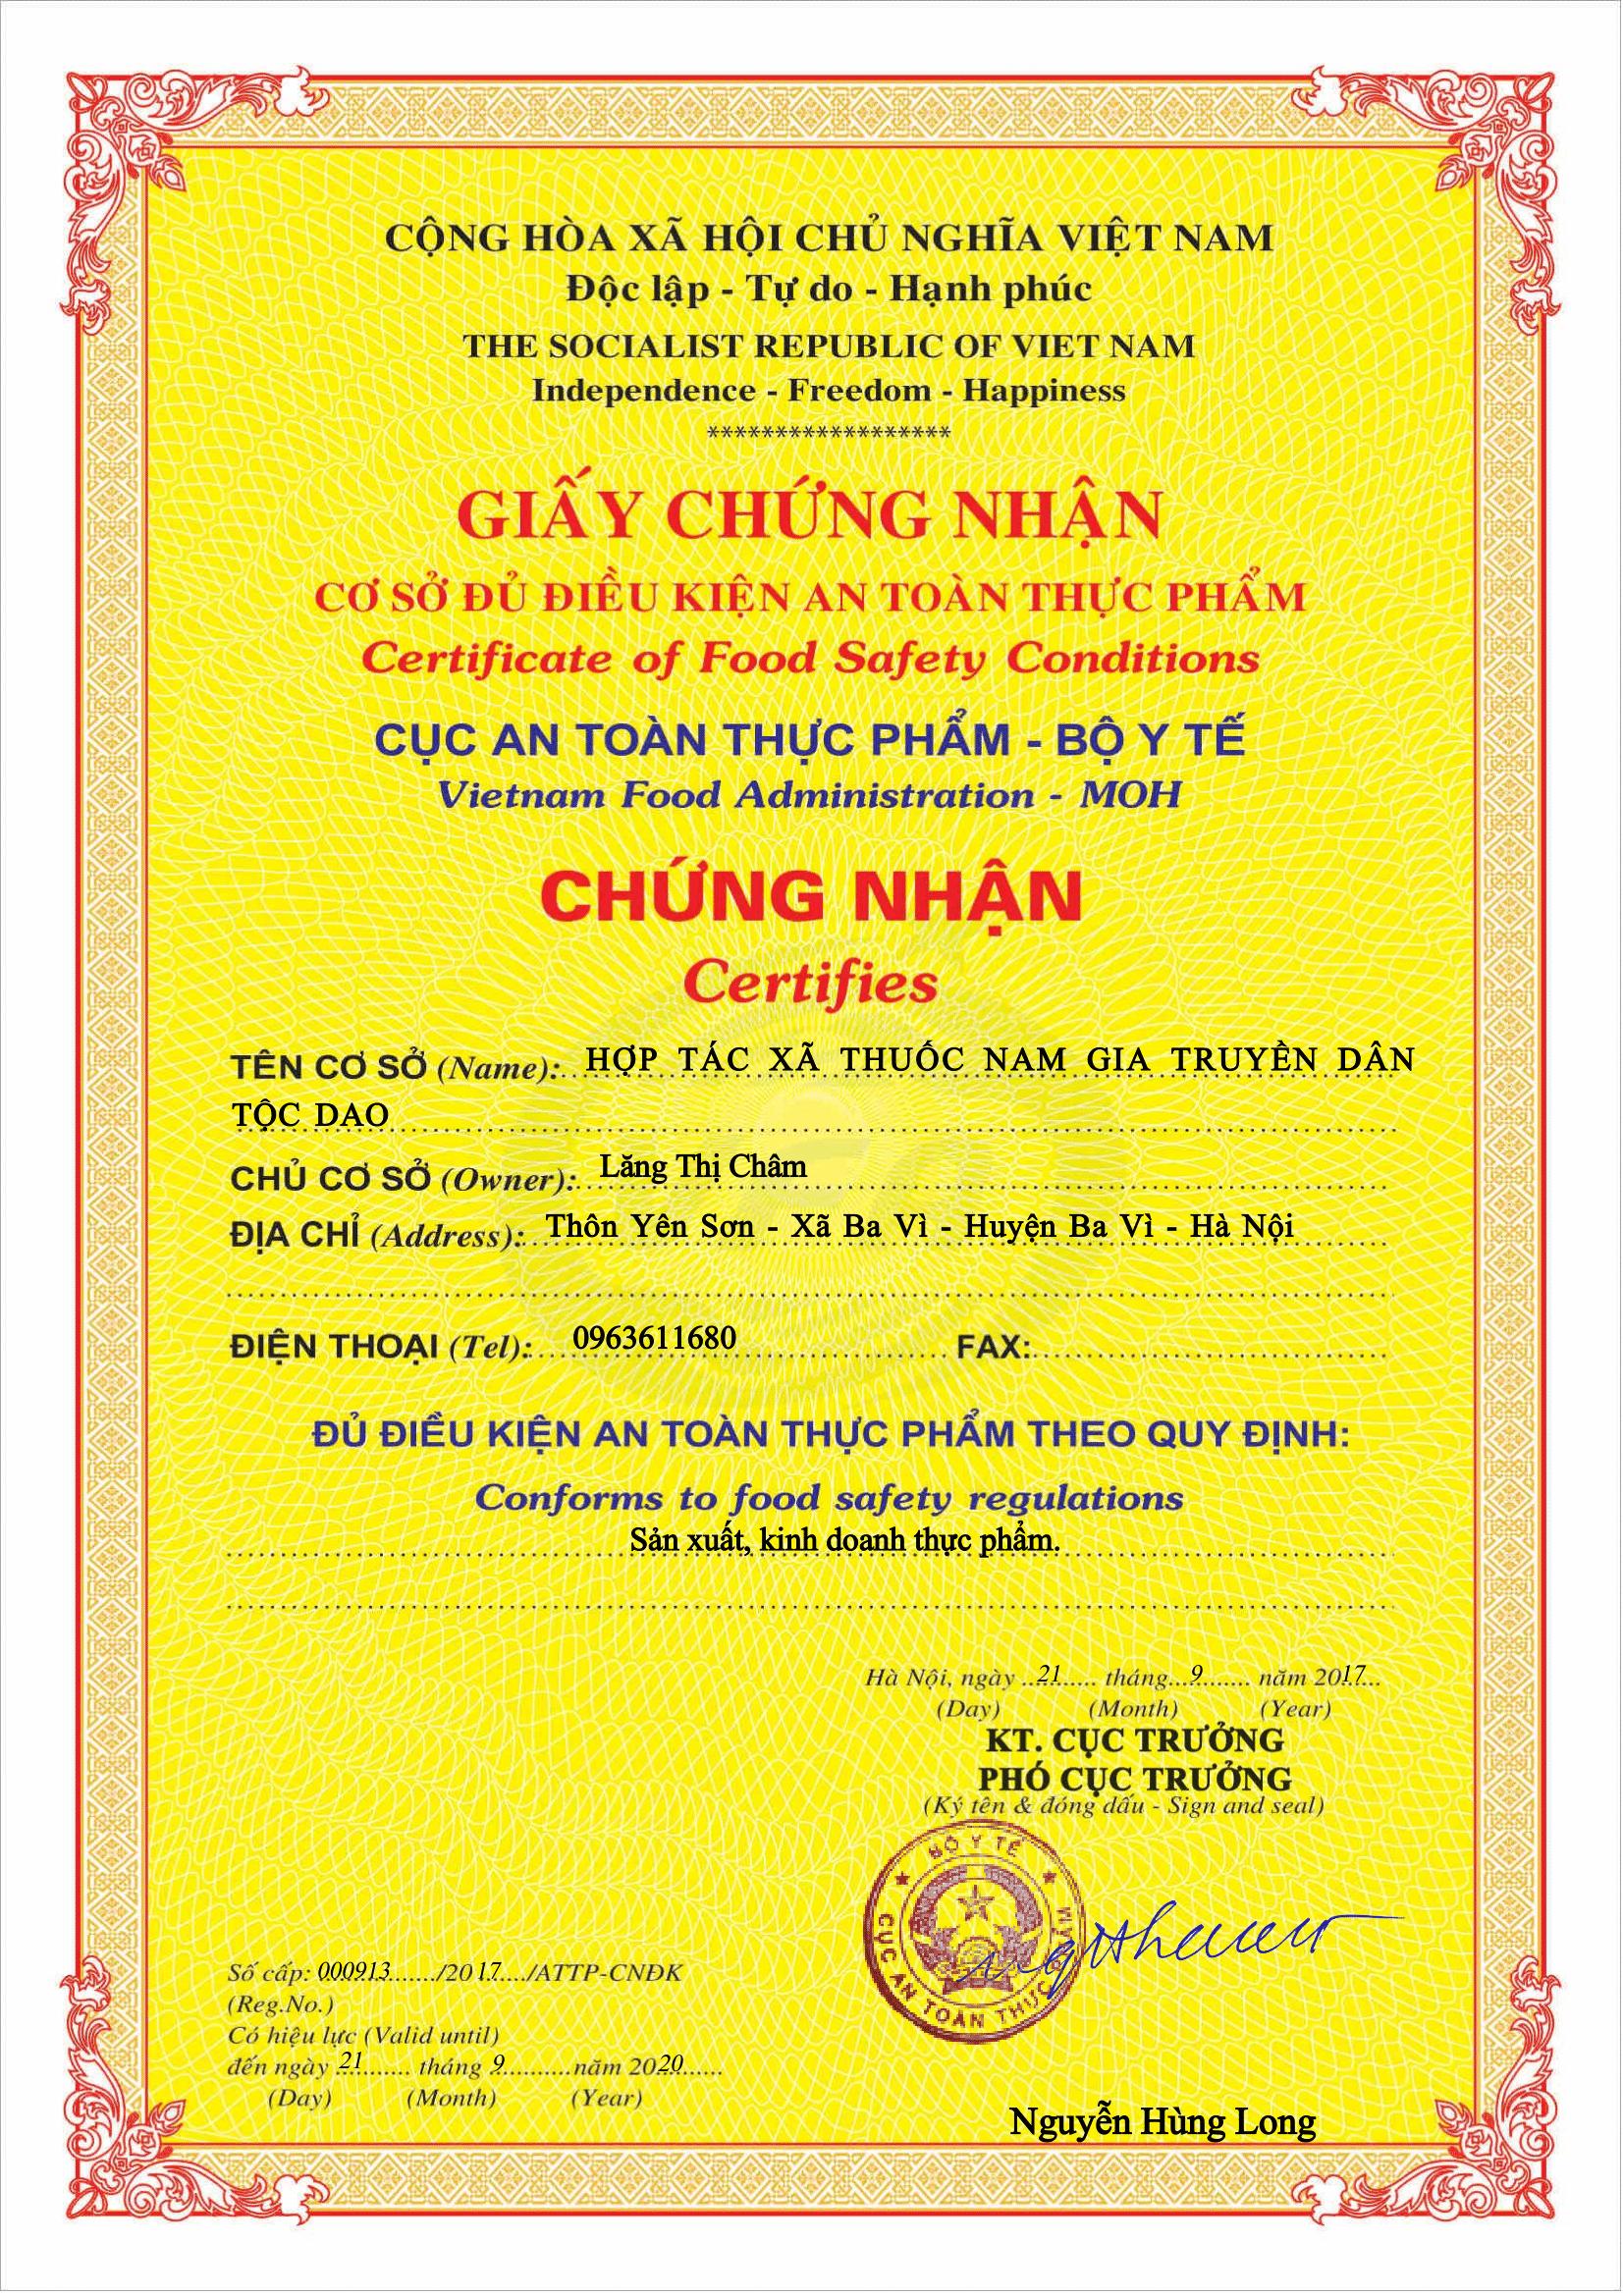 giấy chứng nhận sản phẩm phong tê thấp đạt chuẩn